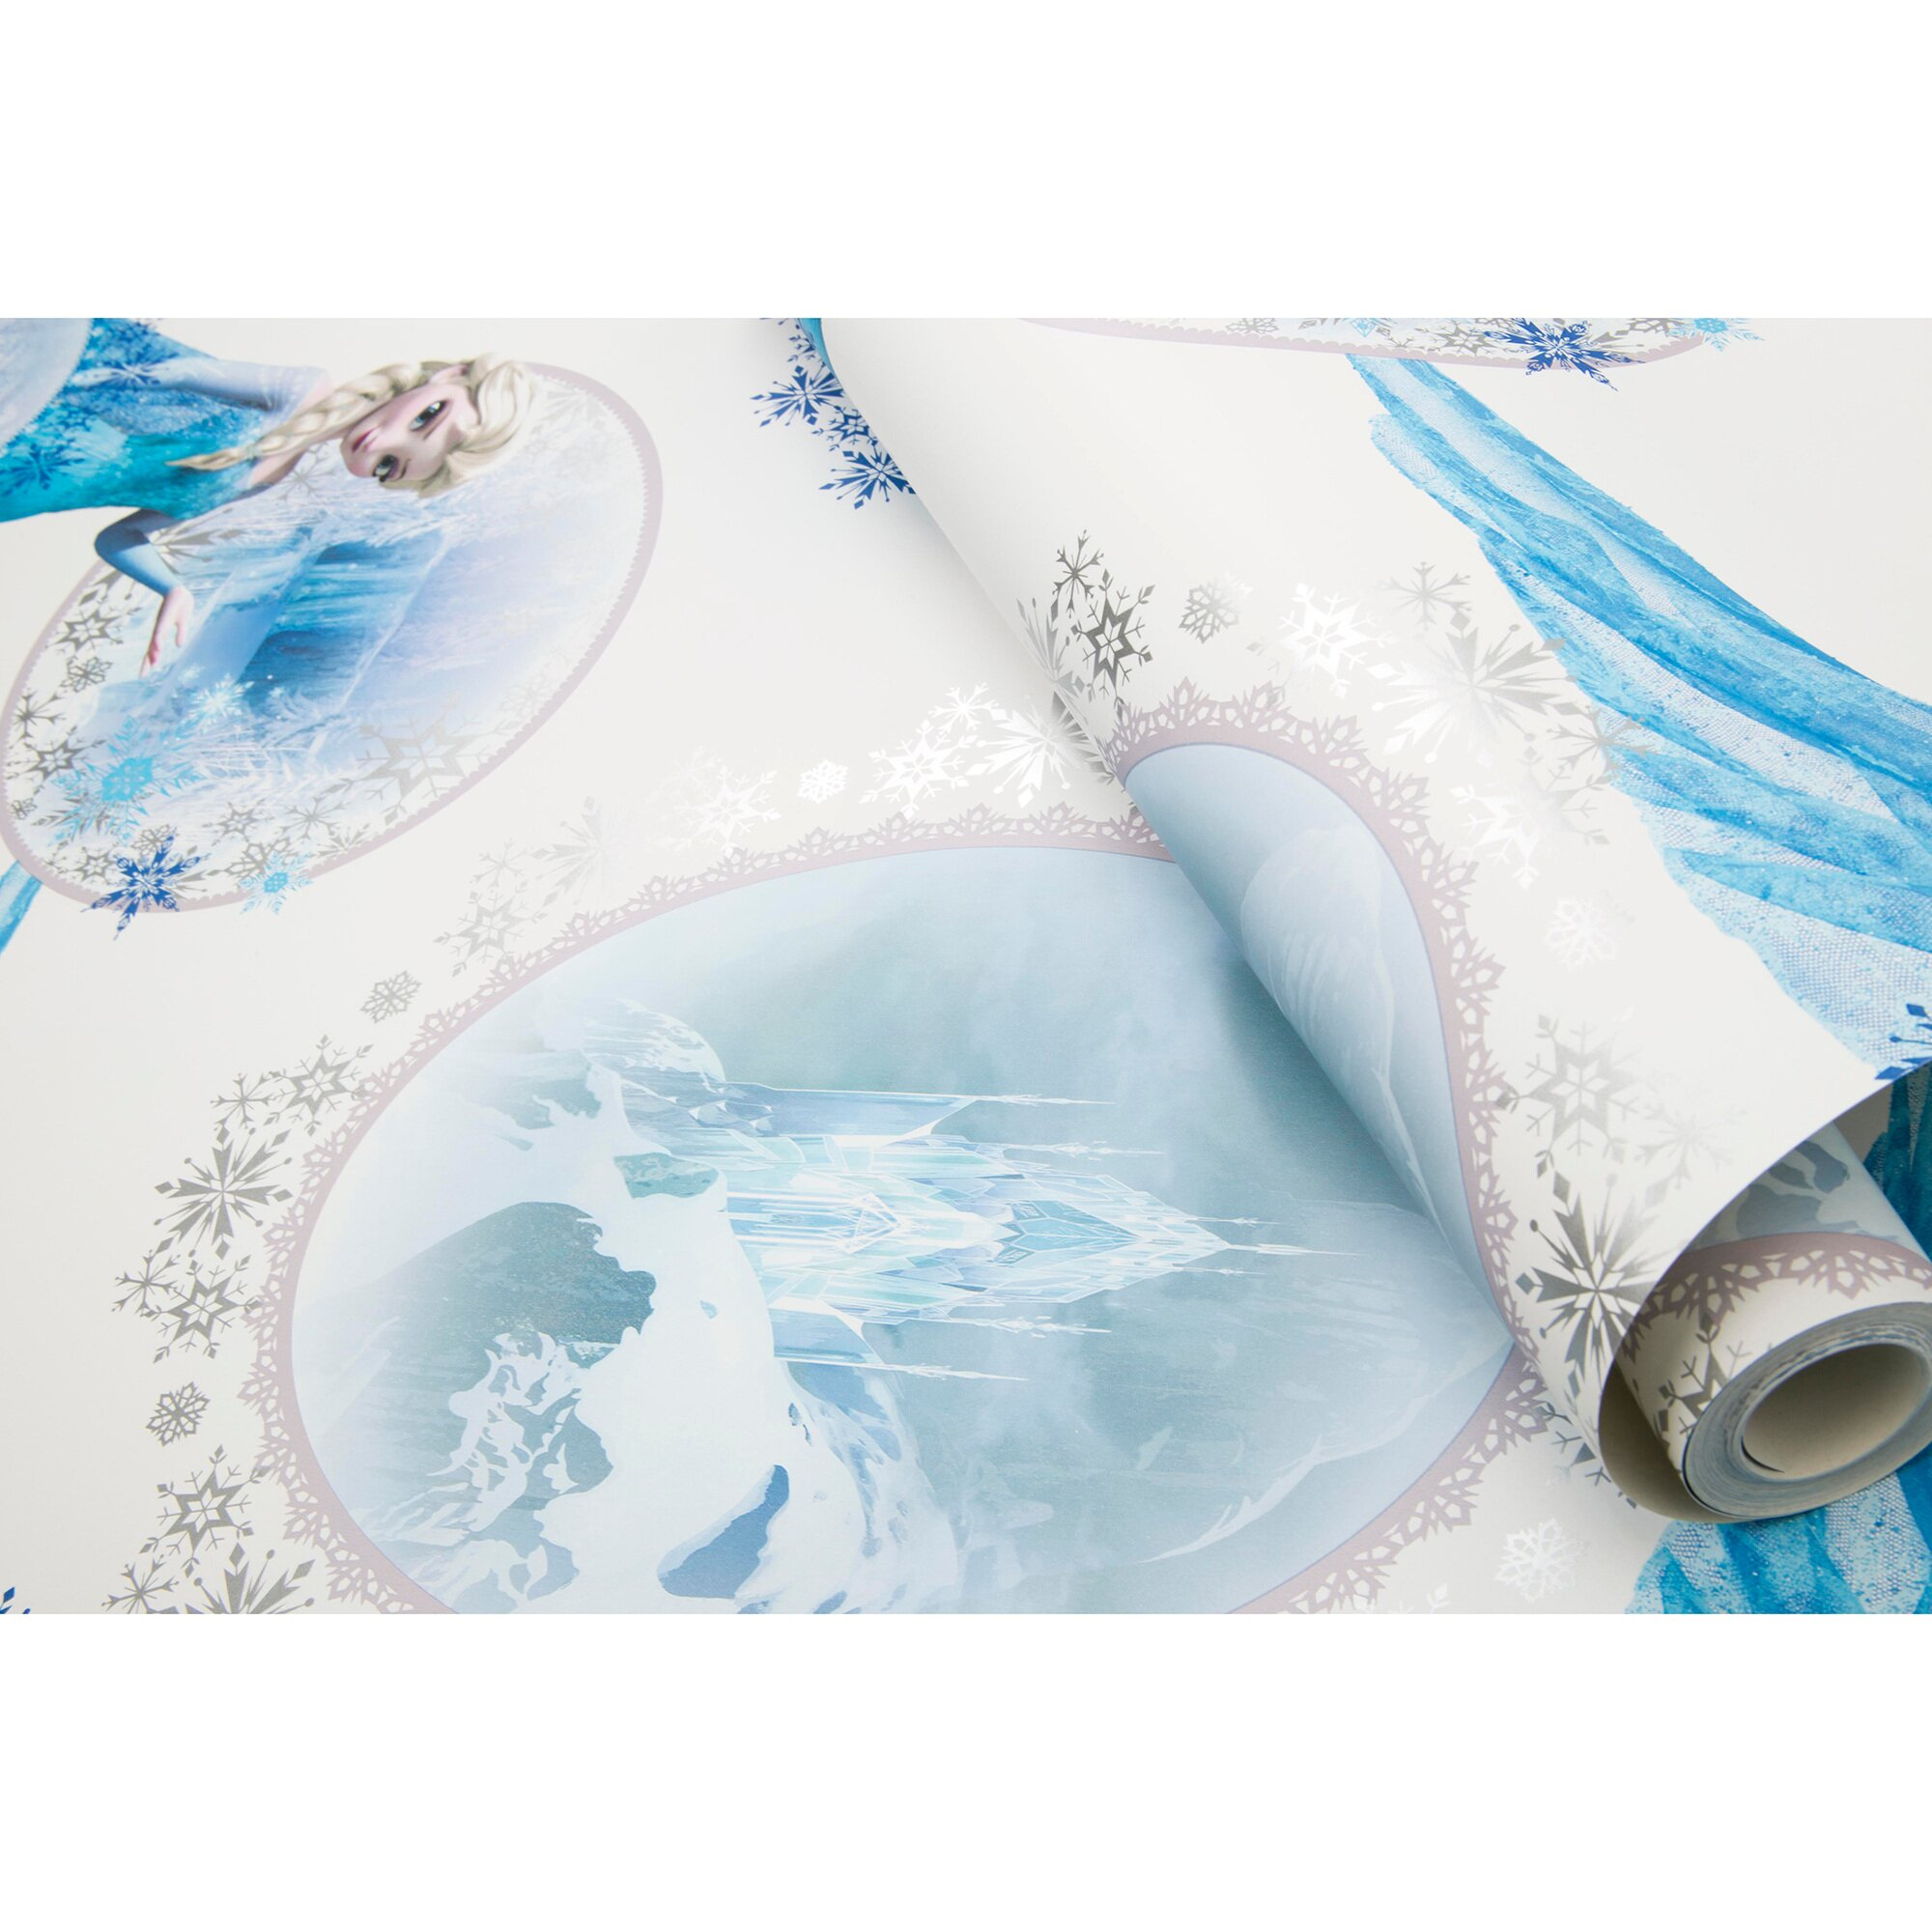 Disney Frozen Kinderzimmertapete Disney Frozen DIE EISKÖNIGIN Scene (10,05 x 0,53 m) mehrfarbig